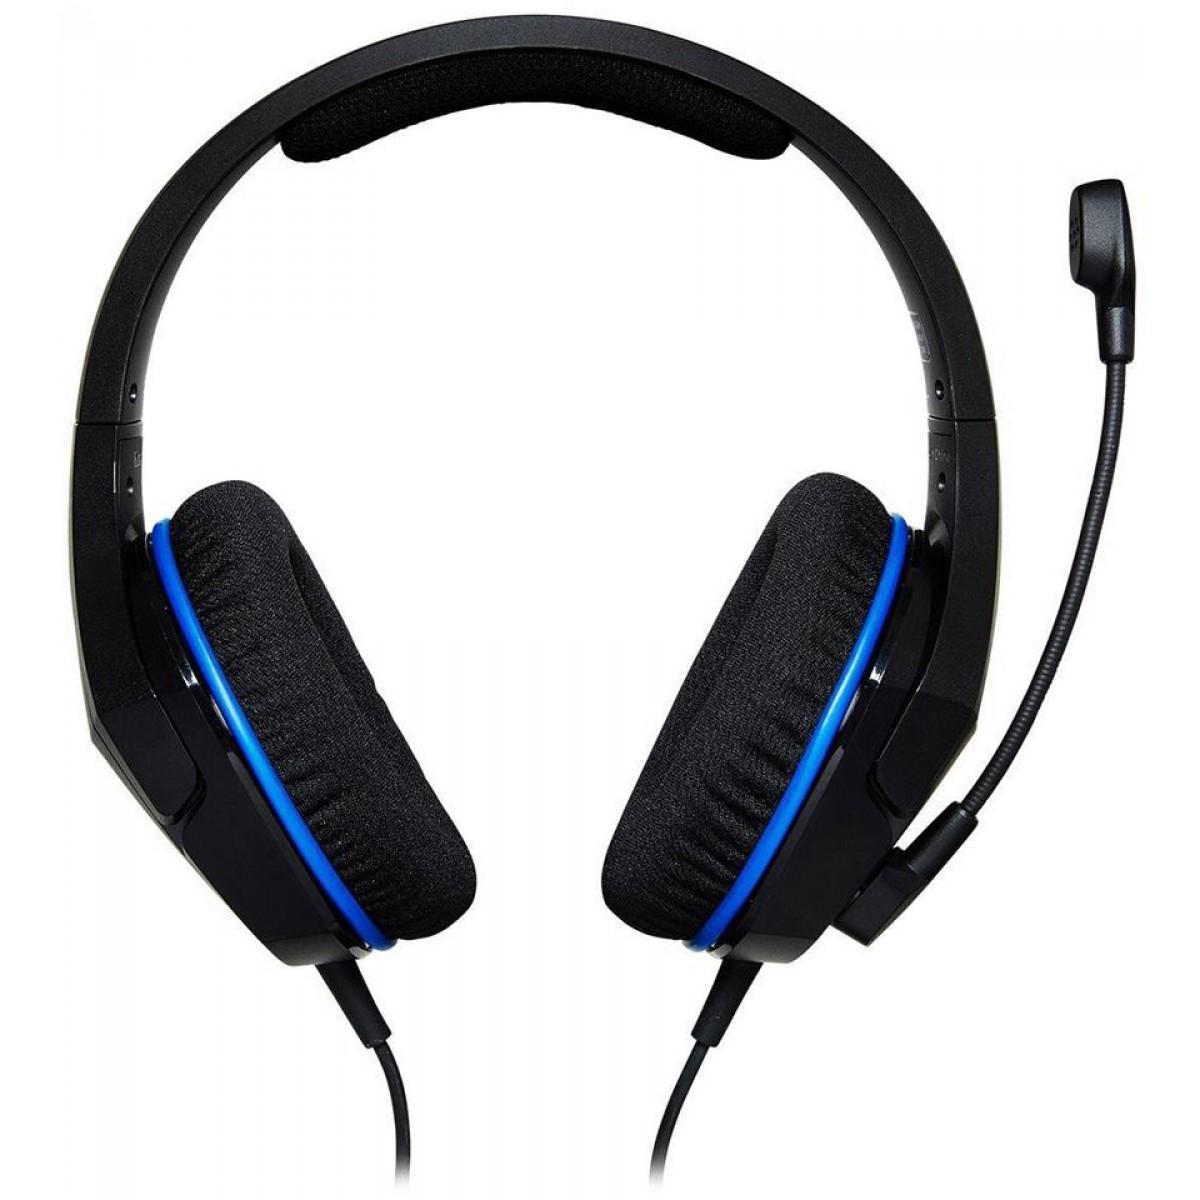 Headset HyperX Cloud Stinger Core, PS4 - Nintendo Switch, Black-Blue, HX-HSCSC-BK